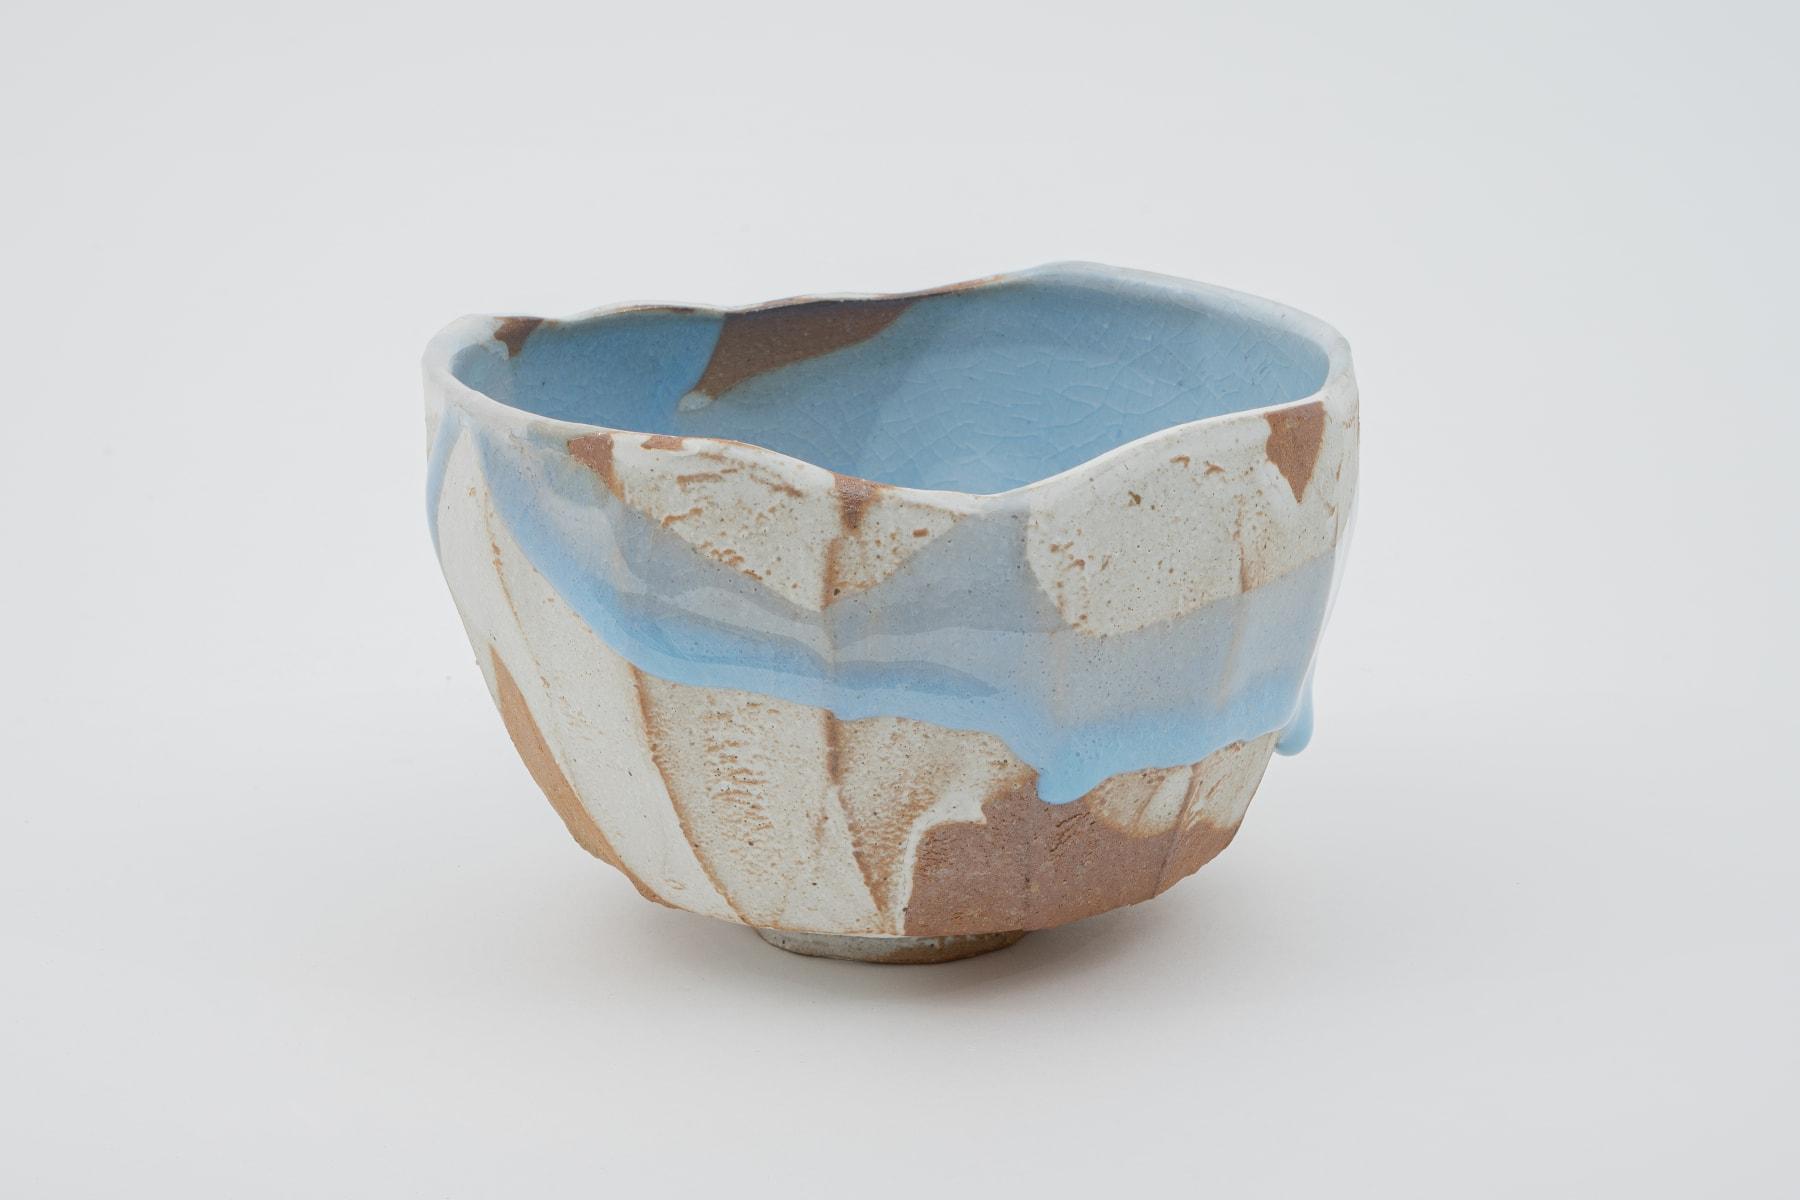 Hosai Matsubayashi XVI, Geppaku glaze Chawan / 月白釉流シ 茶碗, 2020